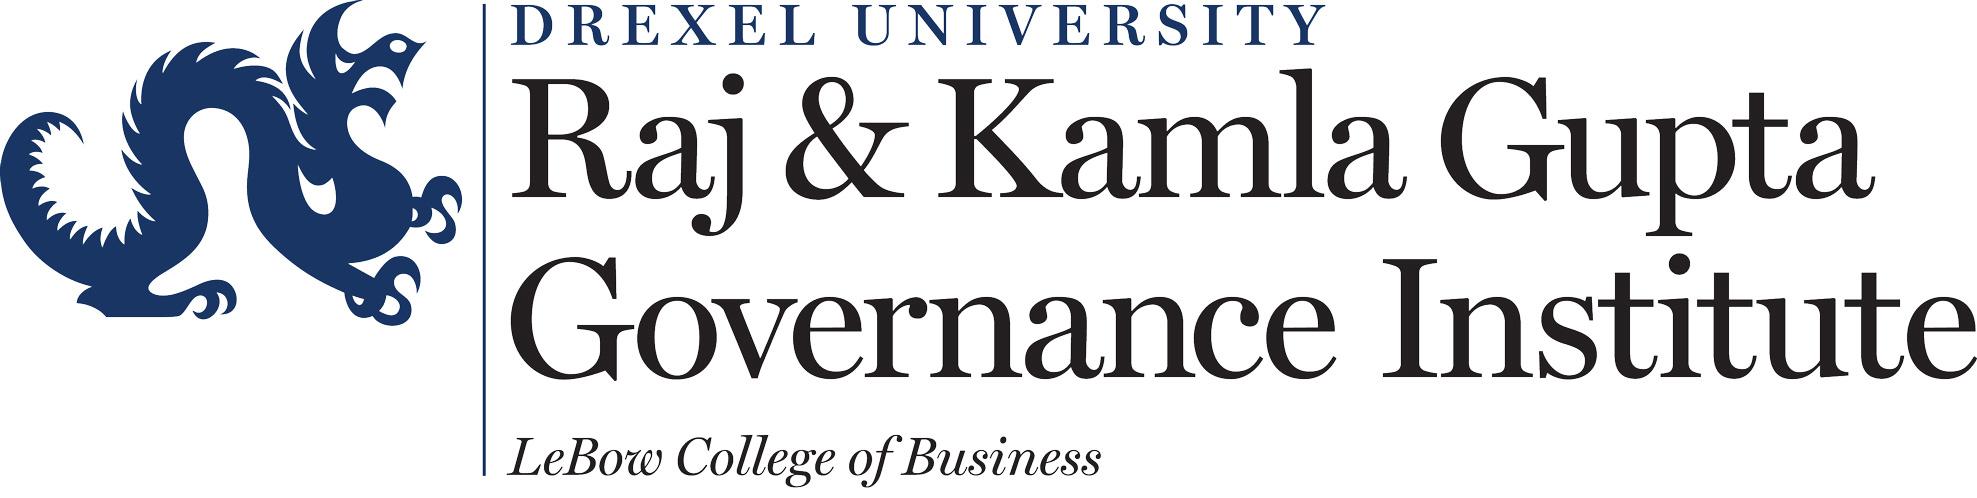 Rak & Kamla Gupta Governance Institute